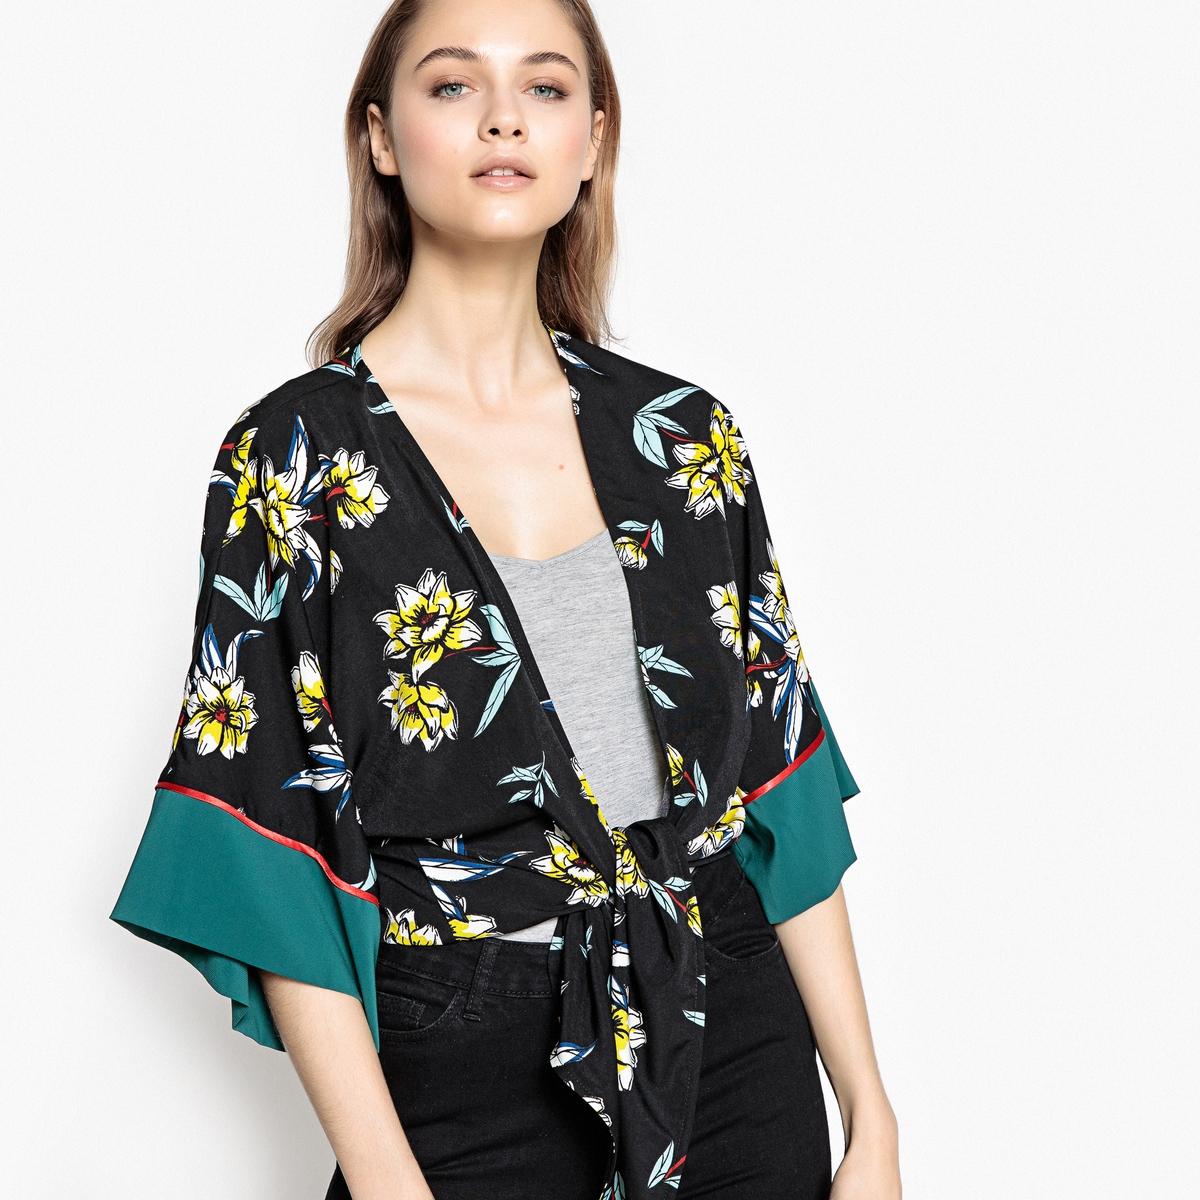 Blusa kimono, cuello de pico y manga 3/4, estampad